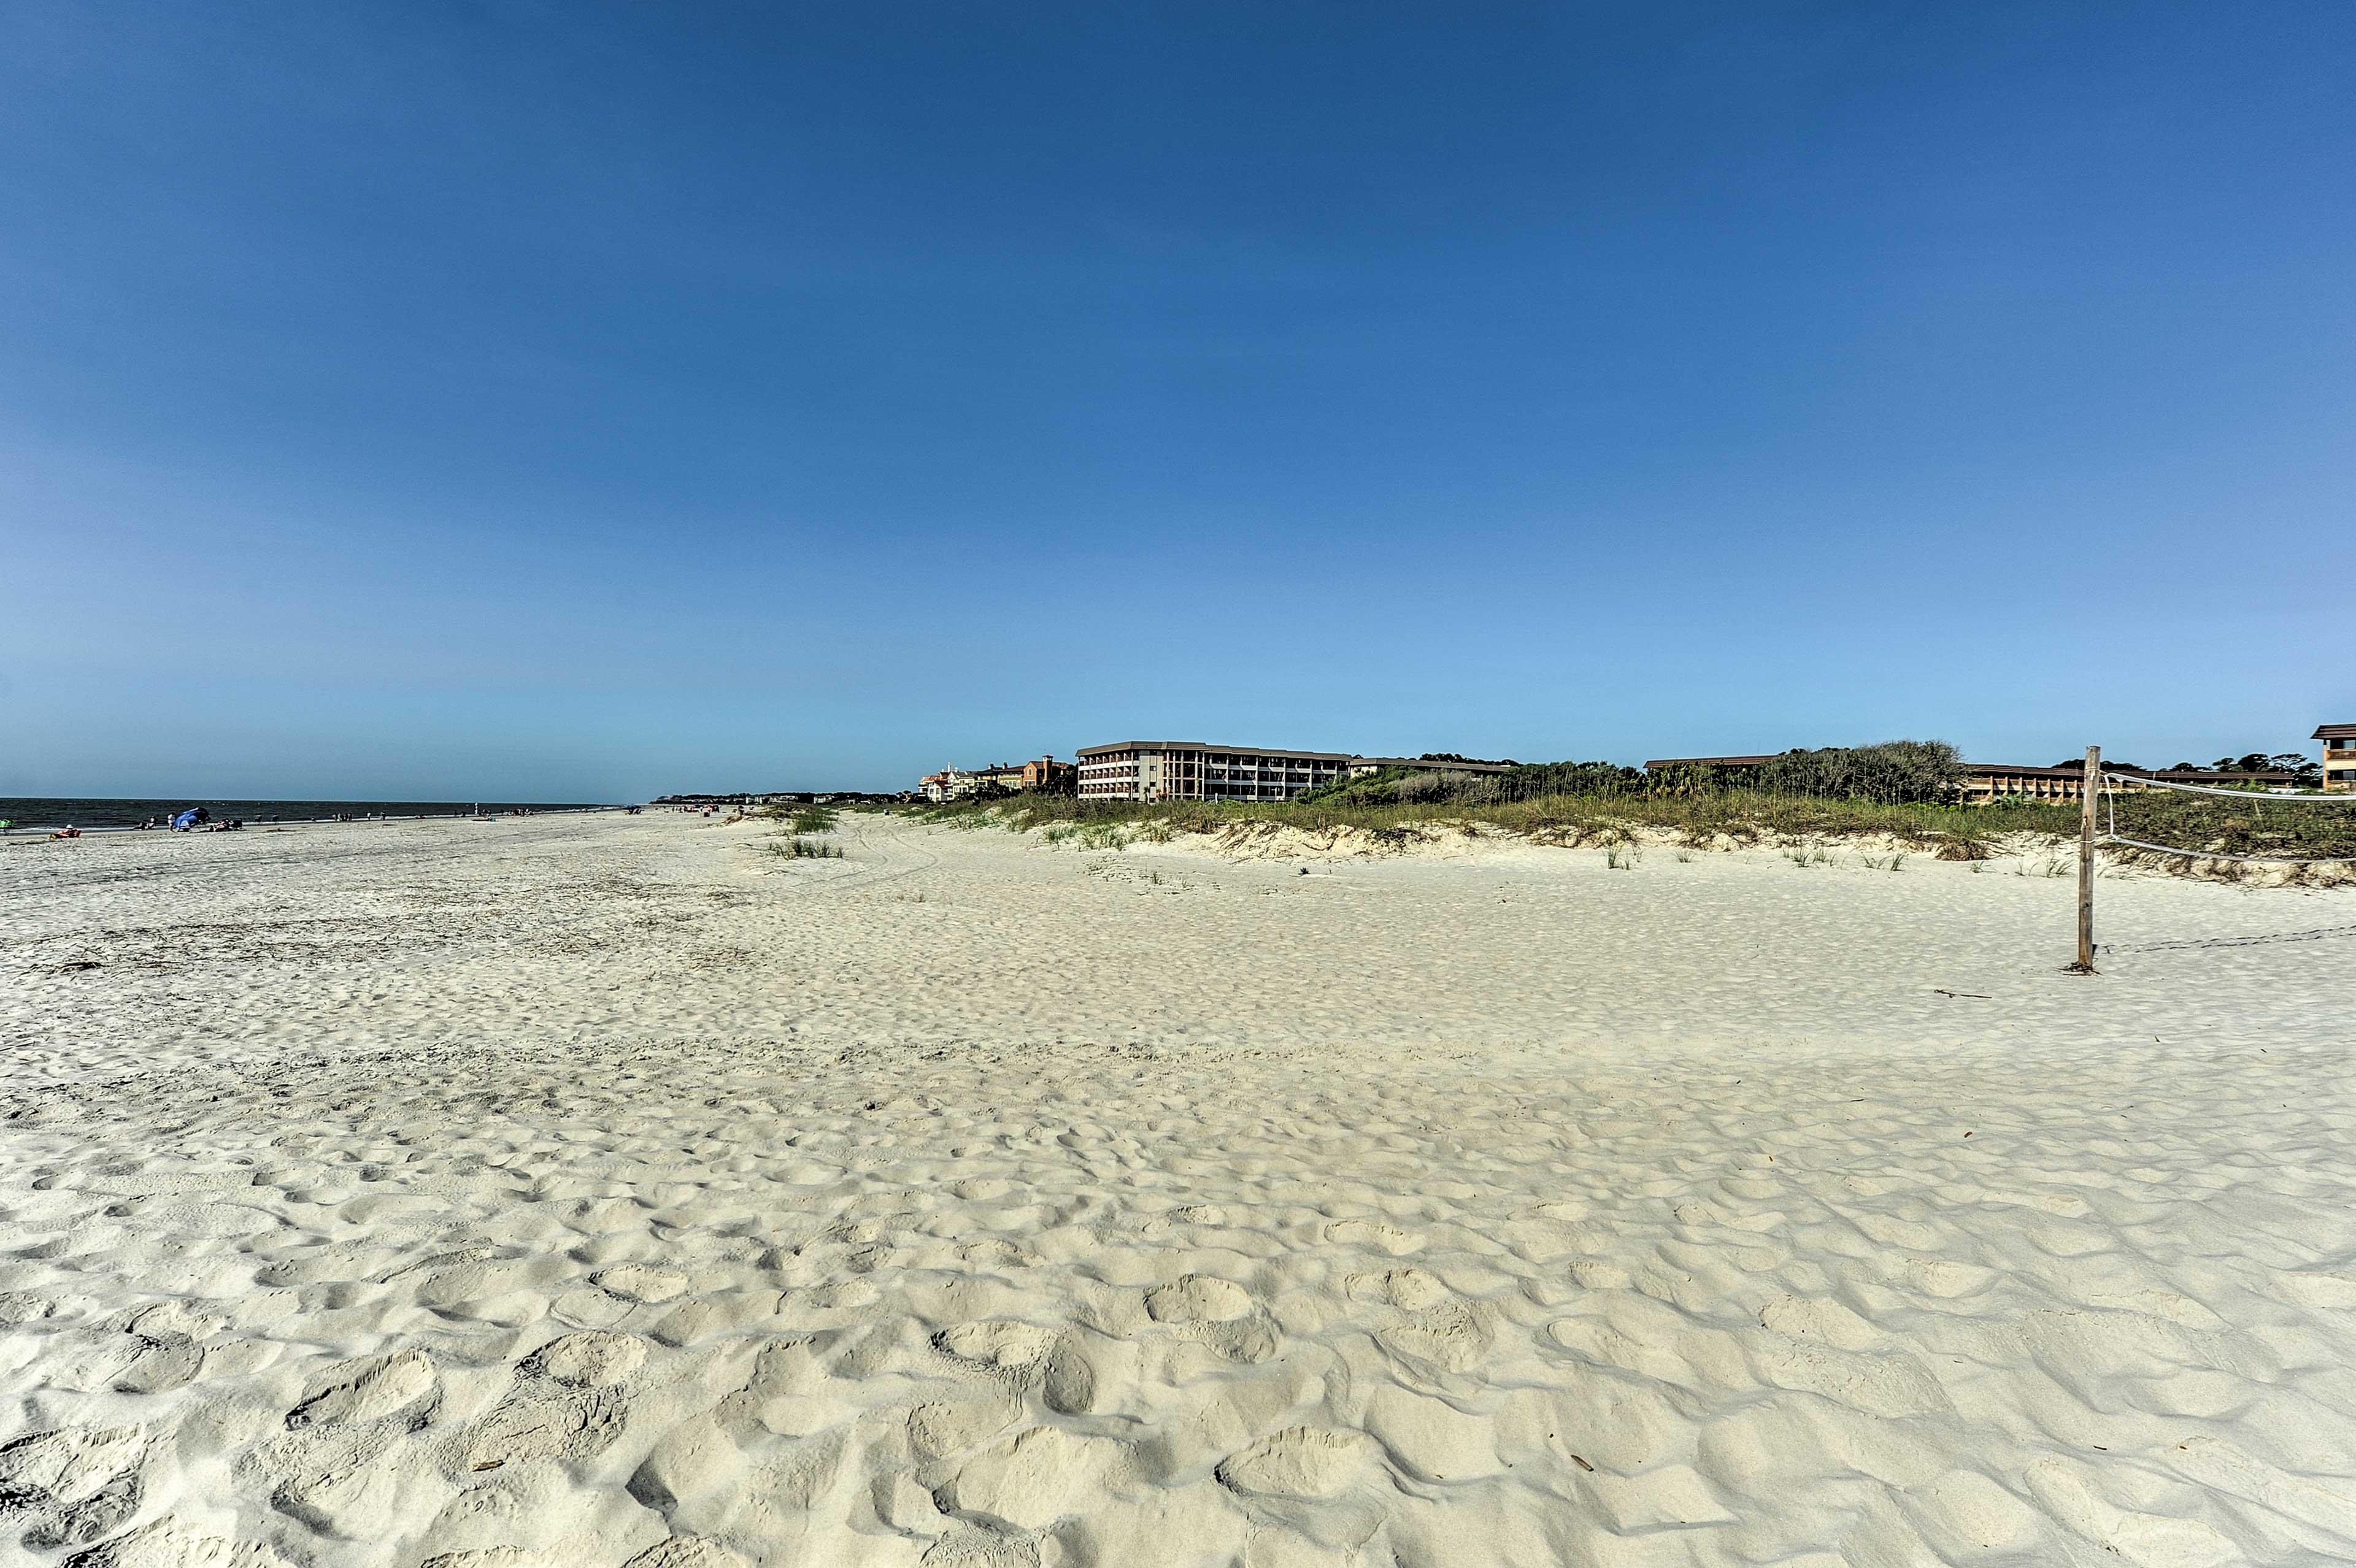 The wide sandy beach is just a short walk away.